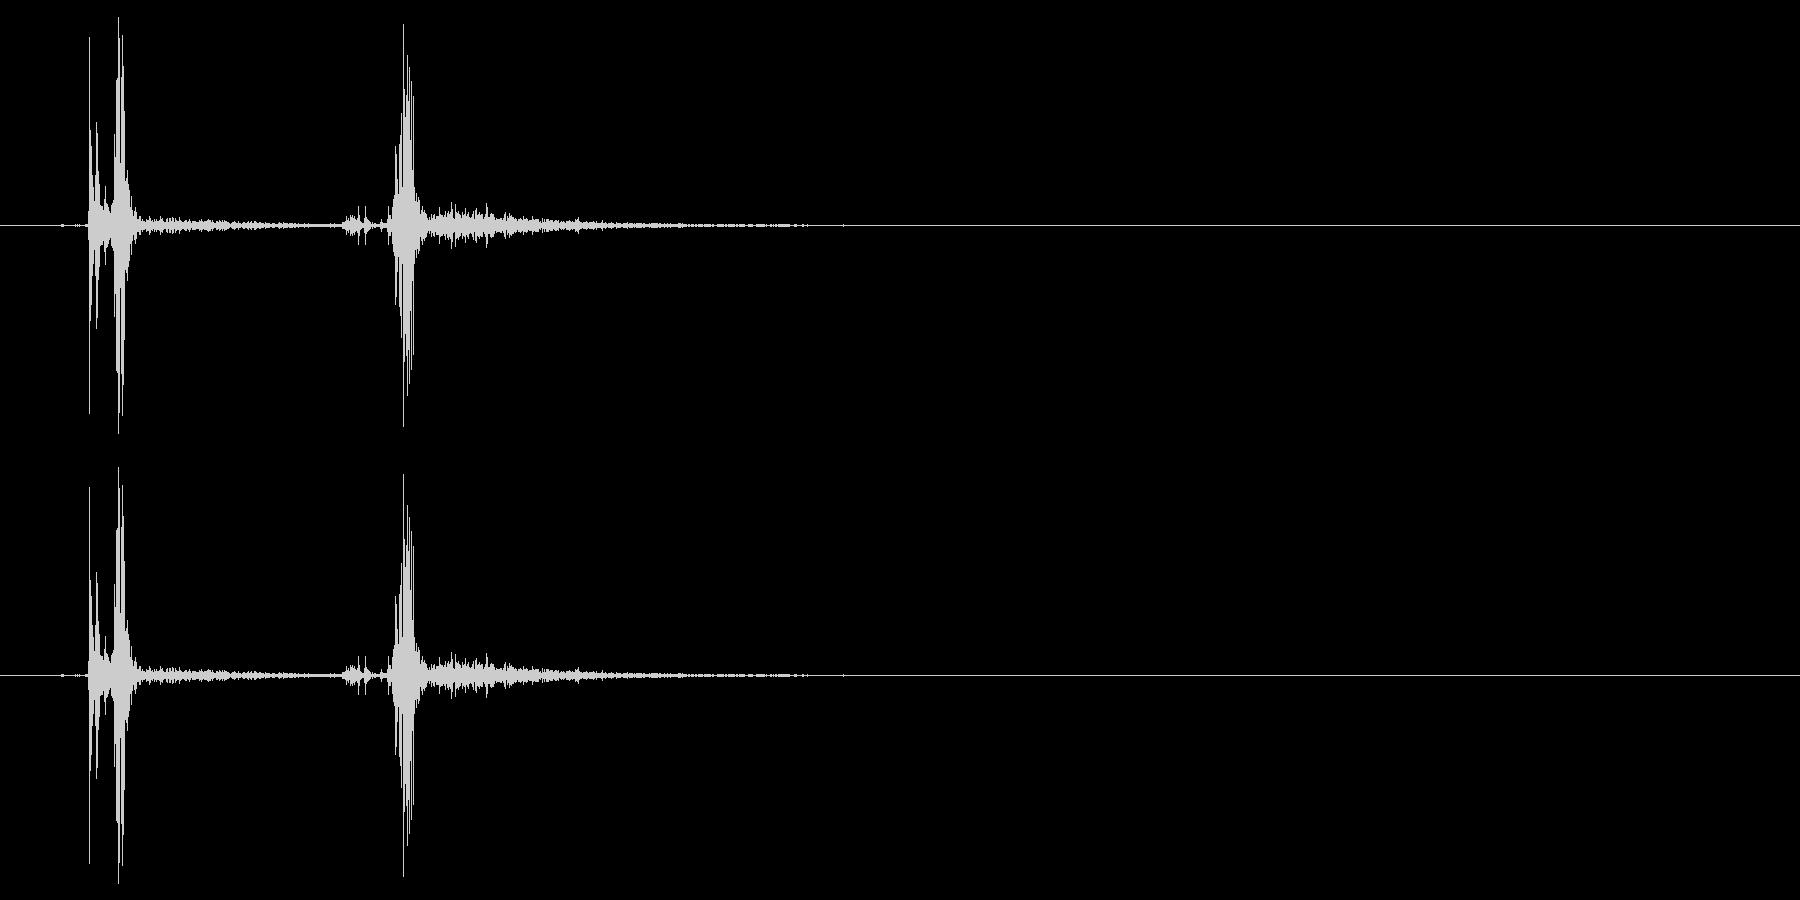 南京錠をカチッと閉める音_1の未再生の波形